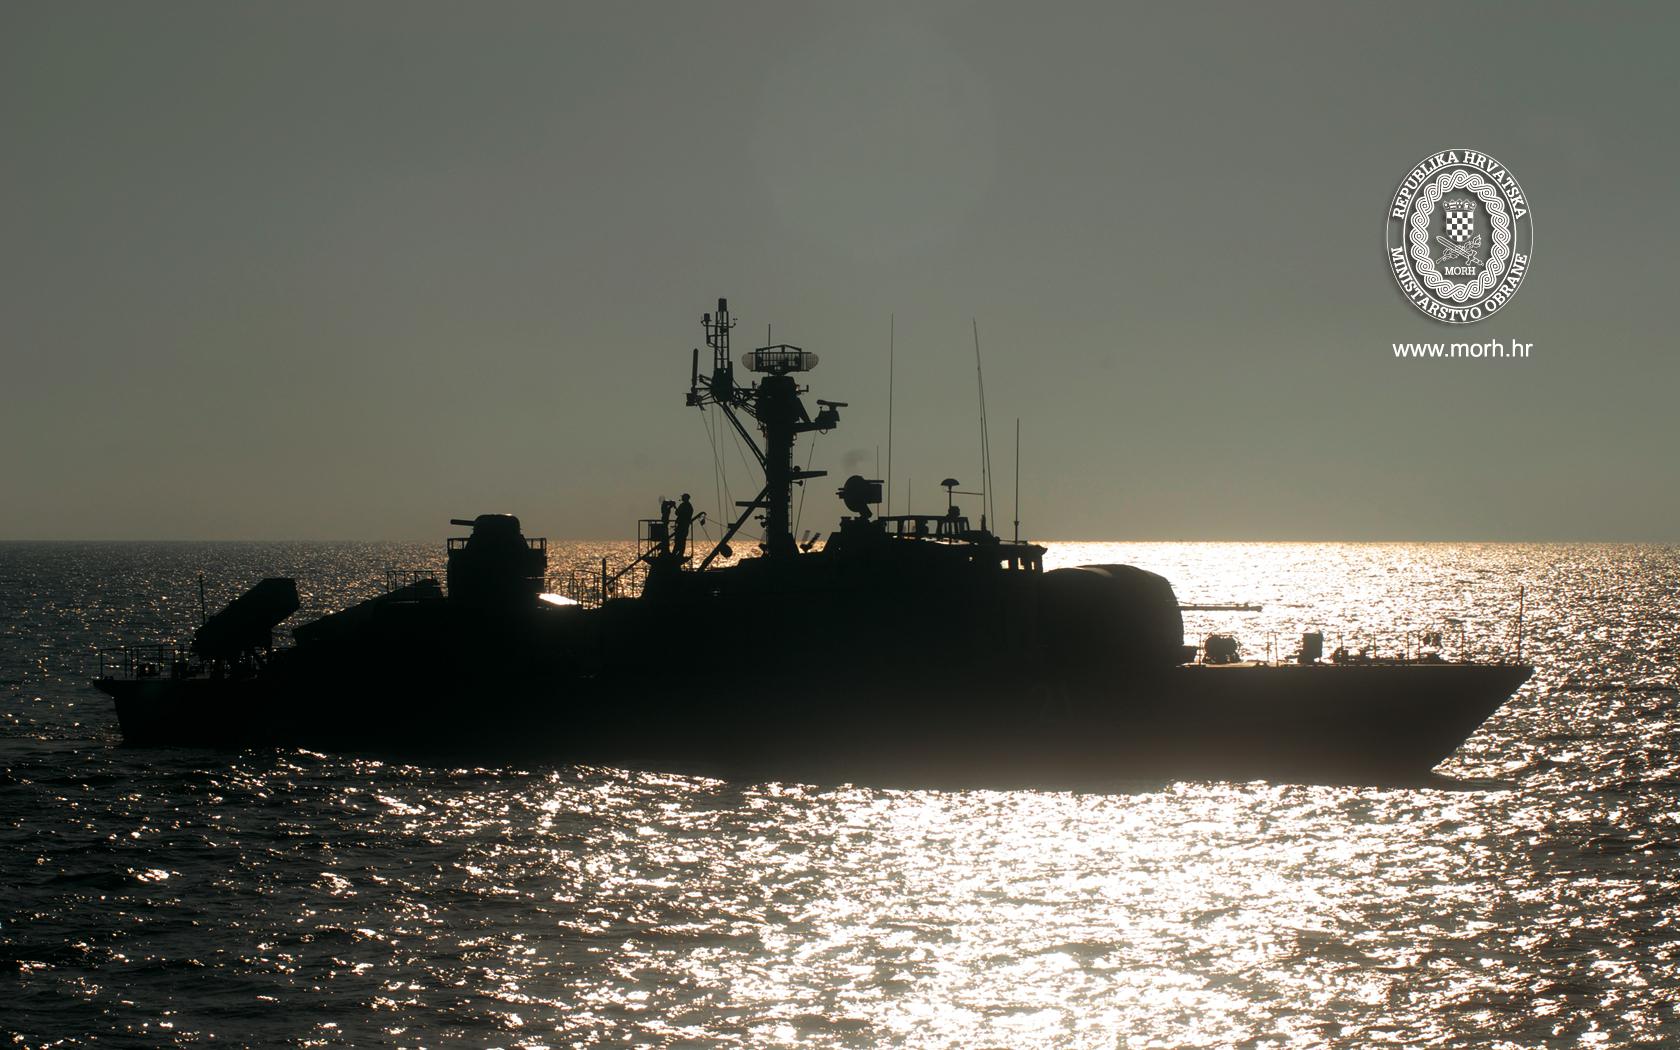 Mornarica 1680 x 1050